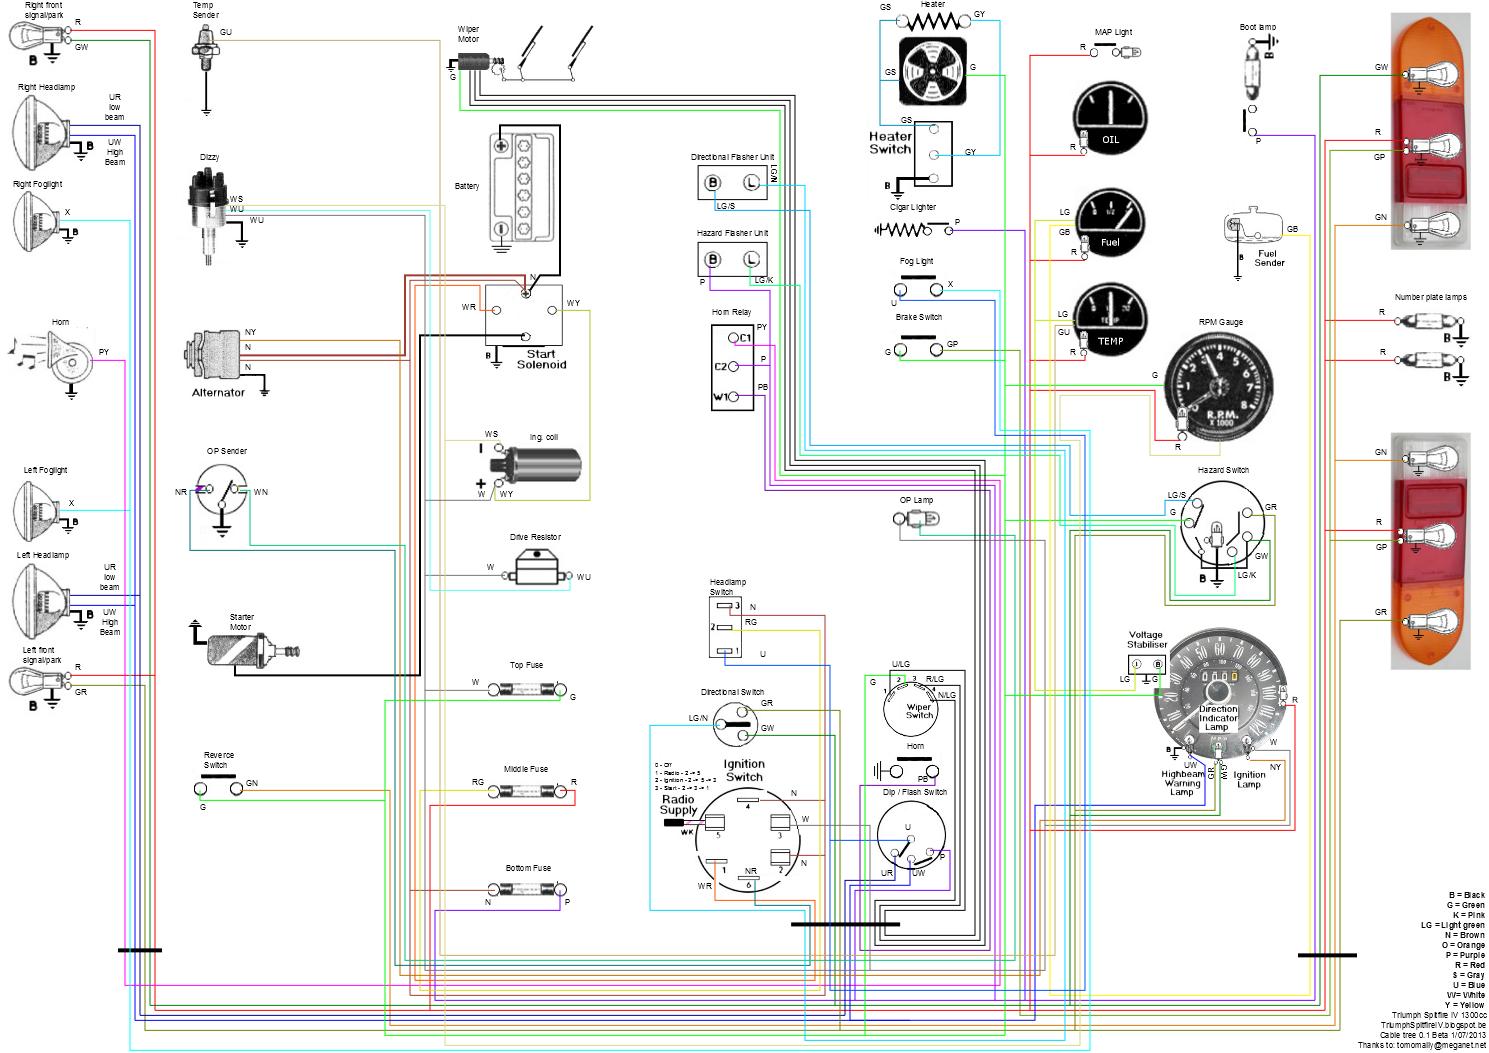 wiring diagram triumph spitfire mk1 wiring diagram m2 1970 Tr6 Wiring Diagrams triumph wiring diagrams wiring diagram